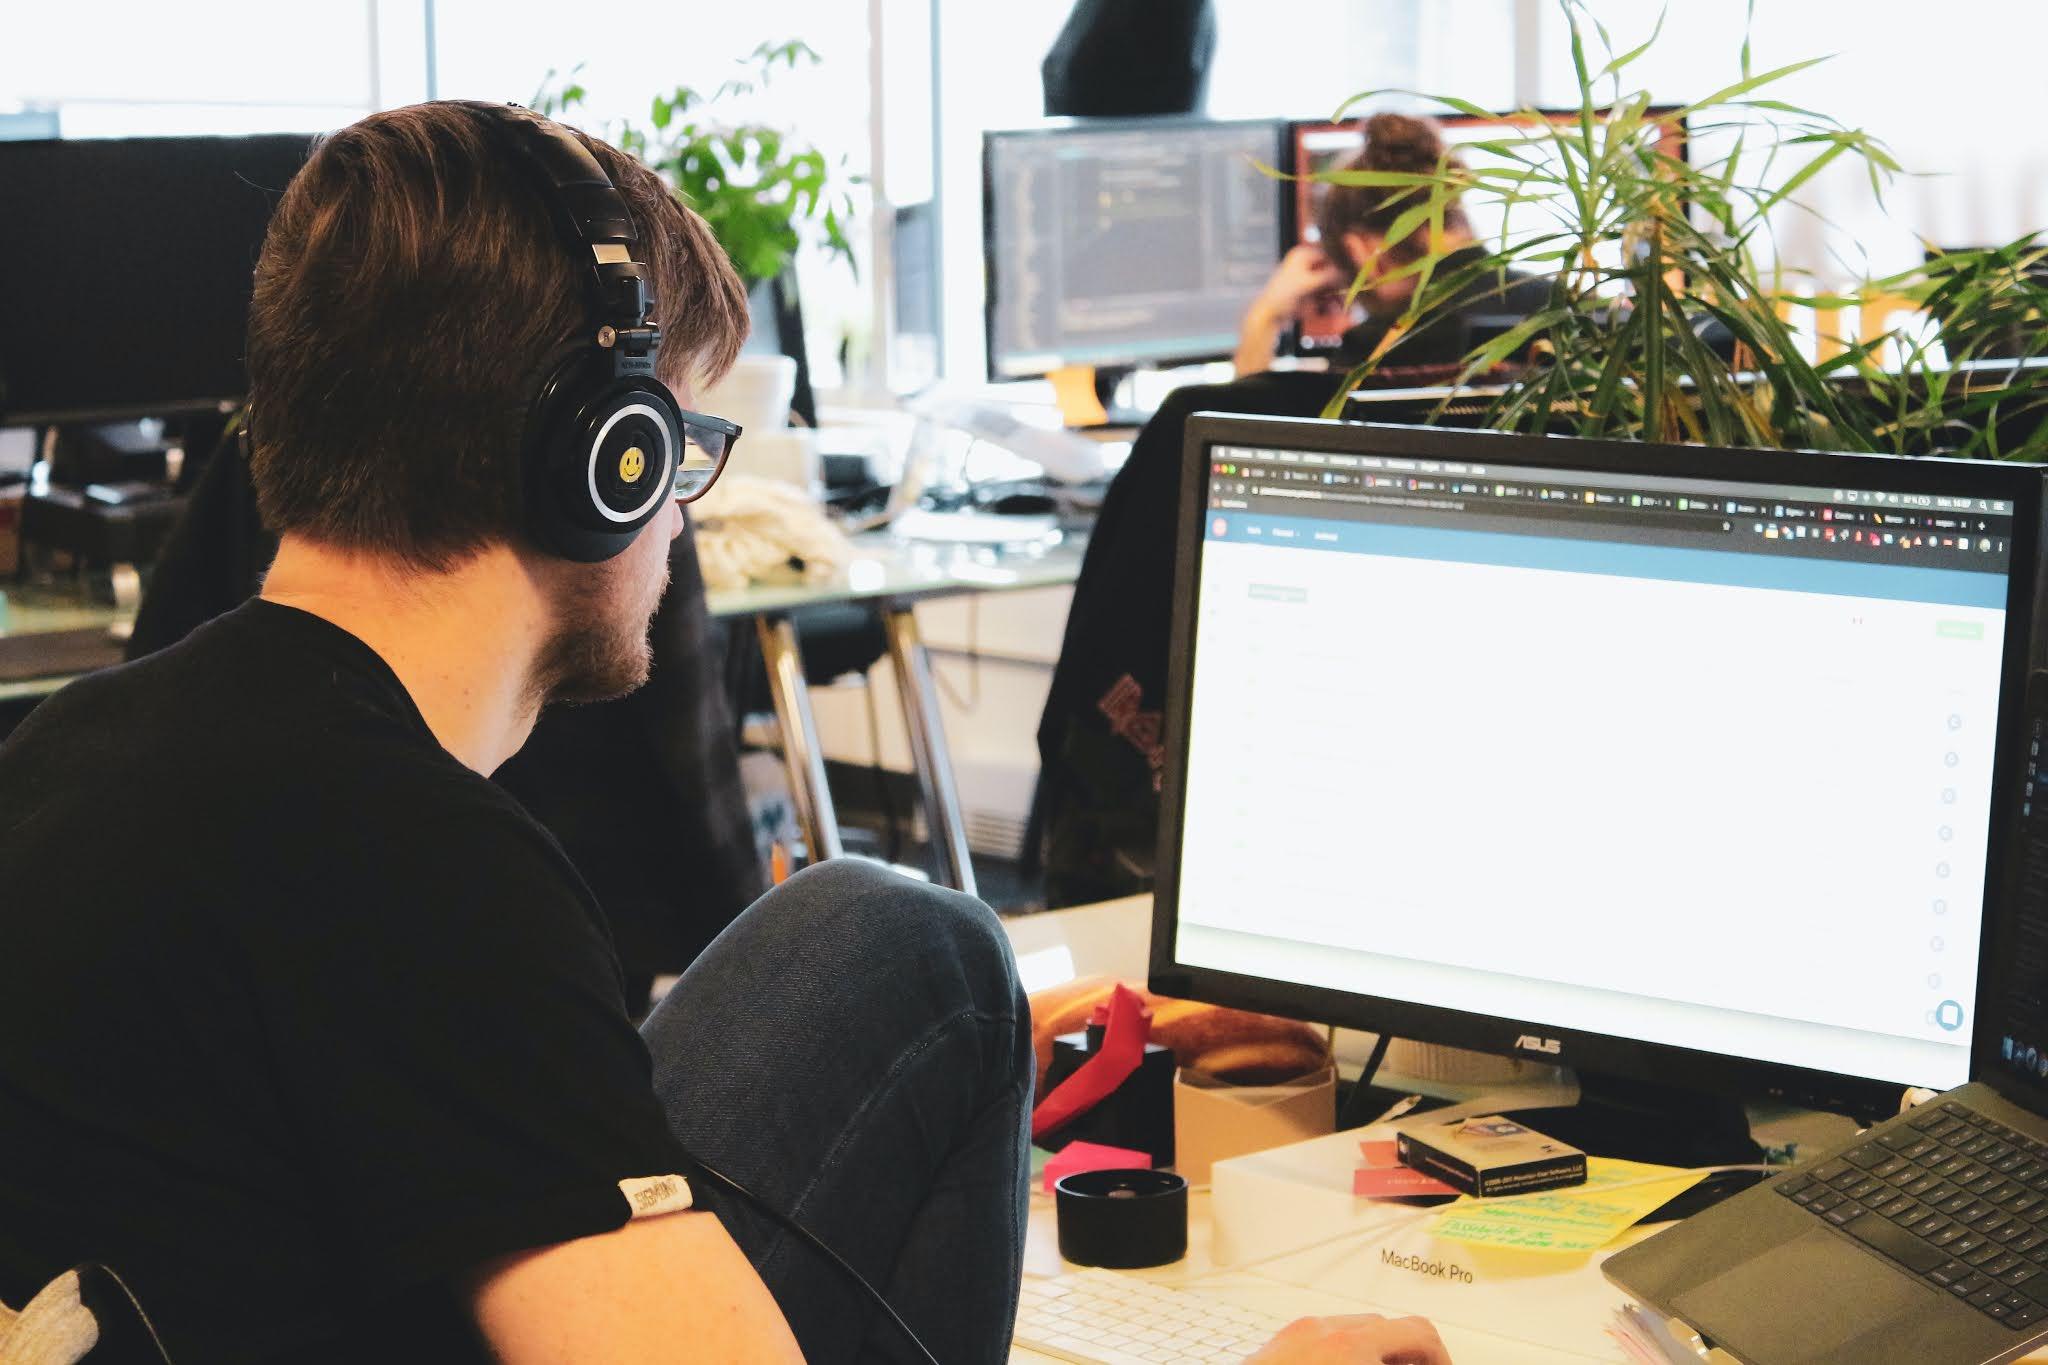 كيف امنع متصفحات الويب من المطالبة بأن تكون المتصفح الافتراضي؟